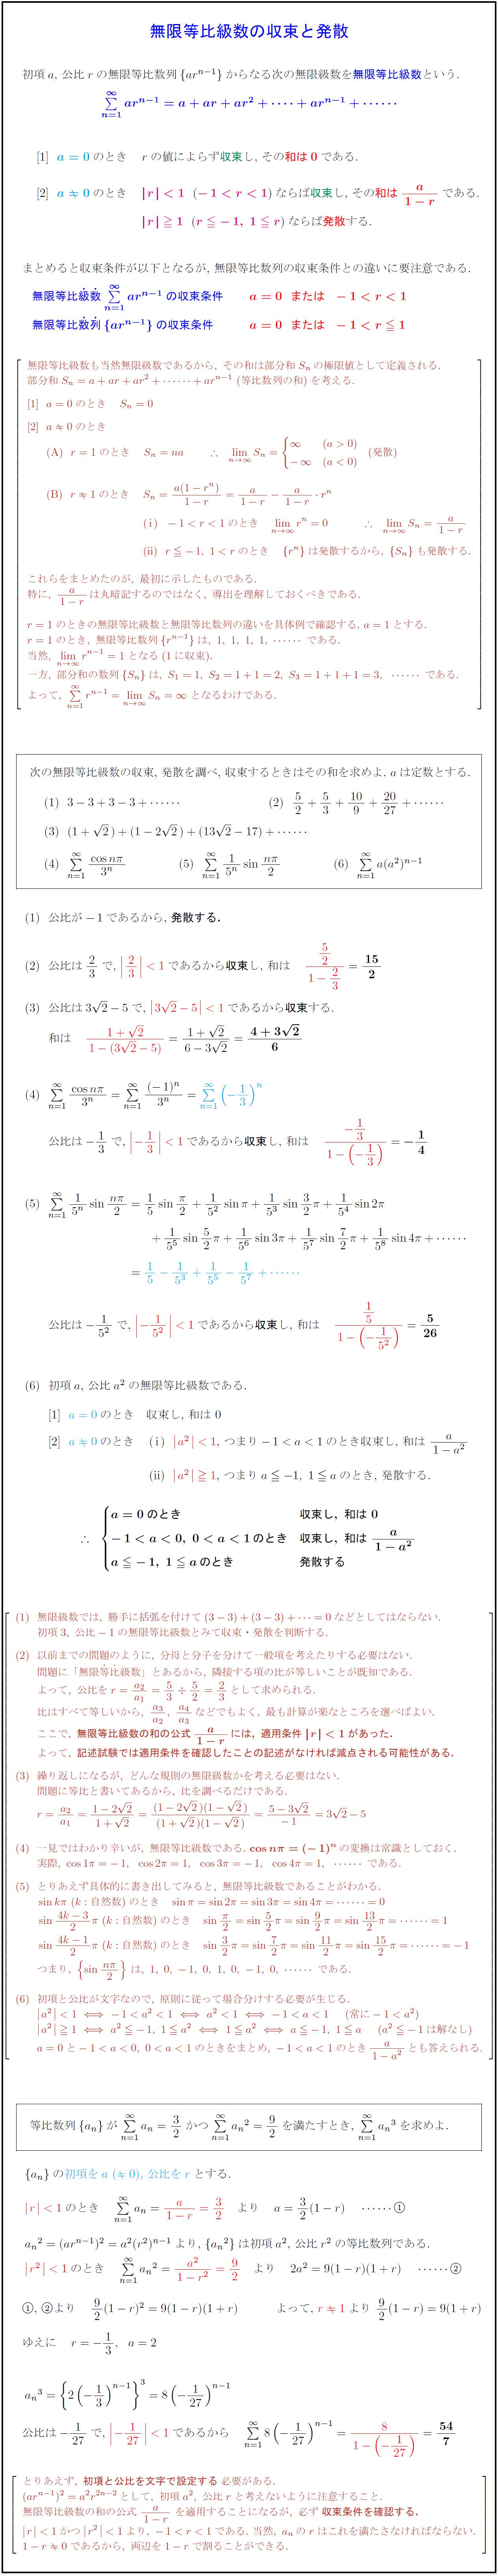 無限等比級数の収束と発散 | 受...